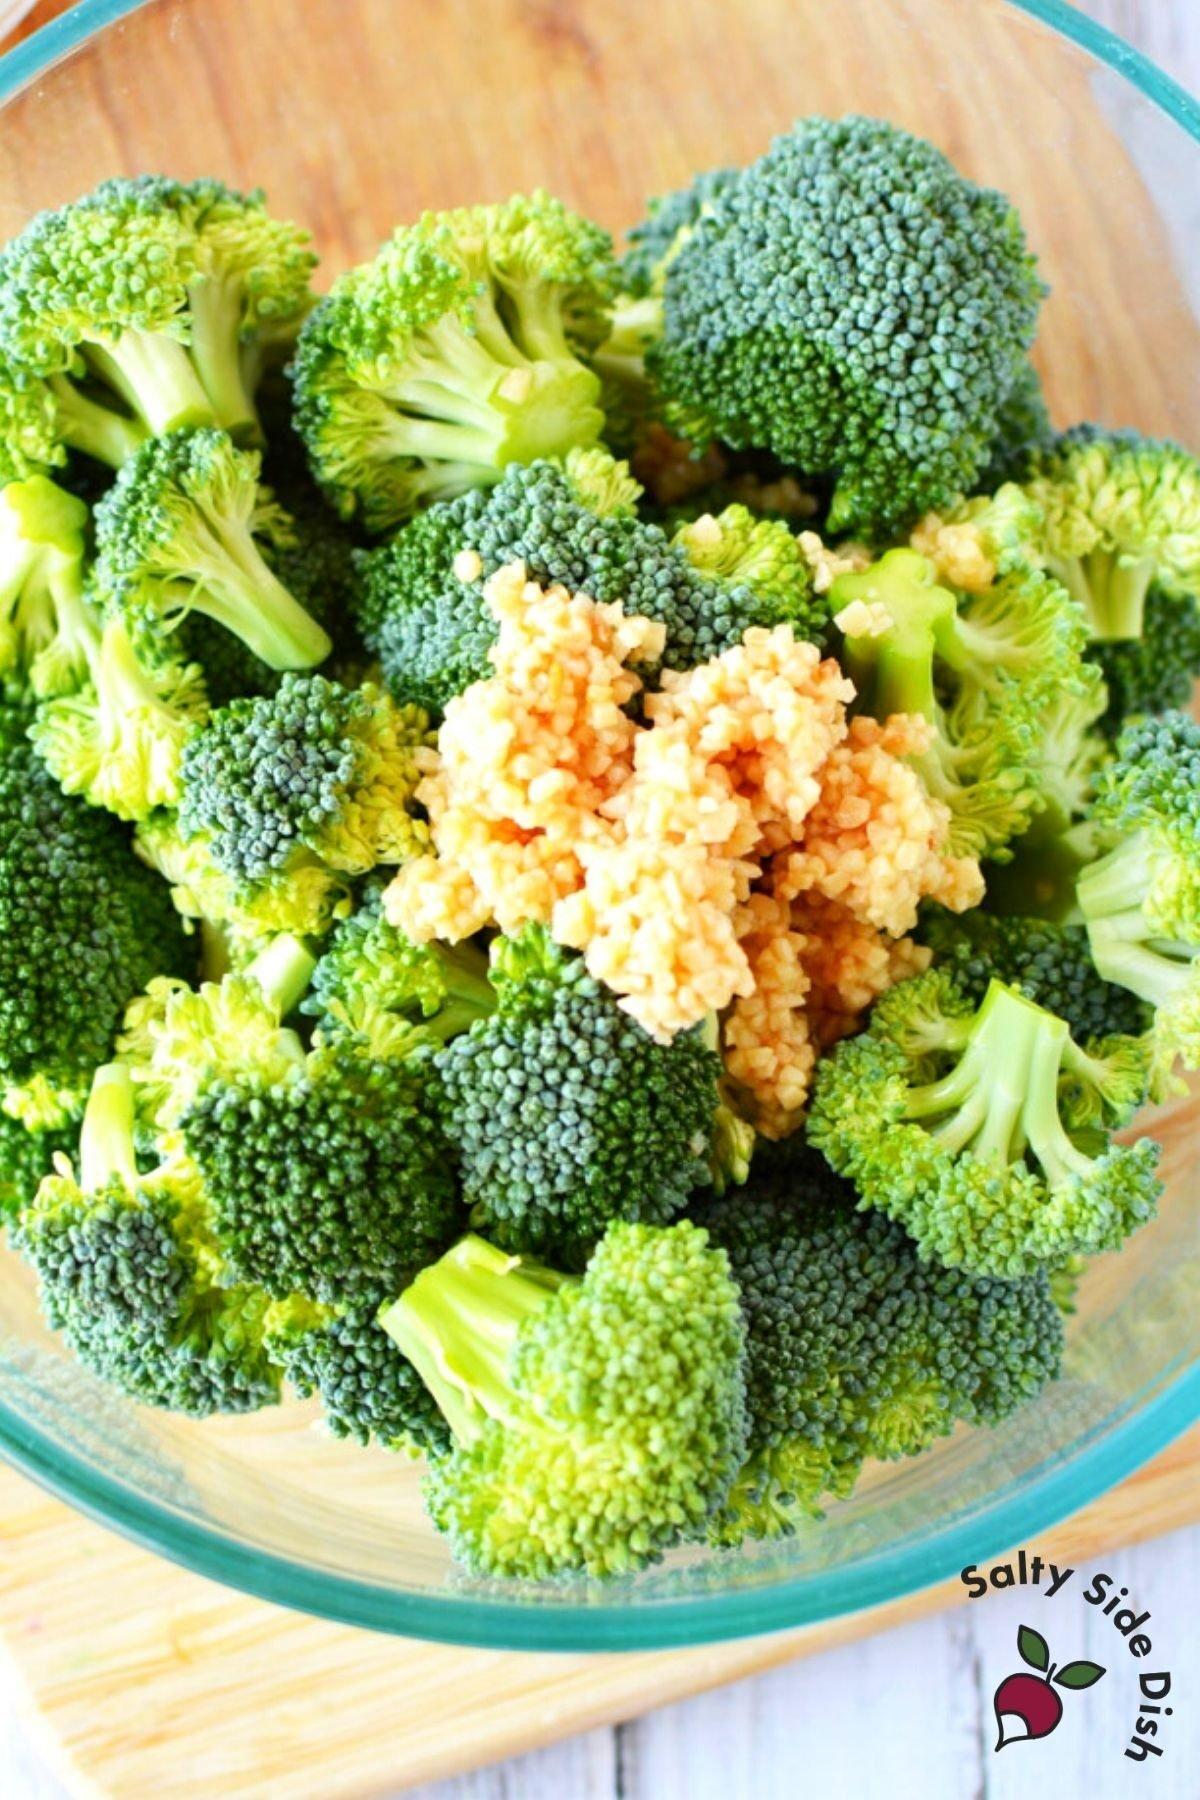 add minced garlic to broccoli